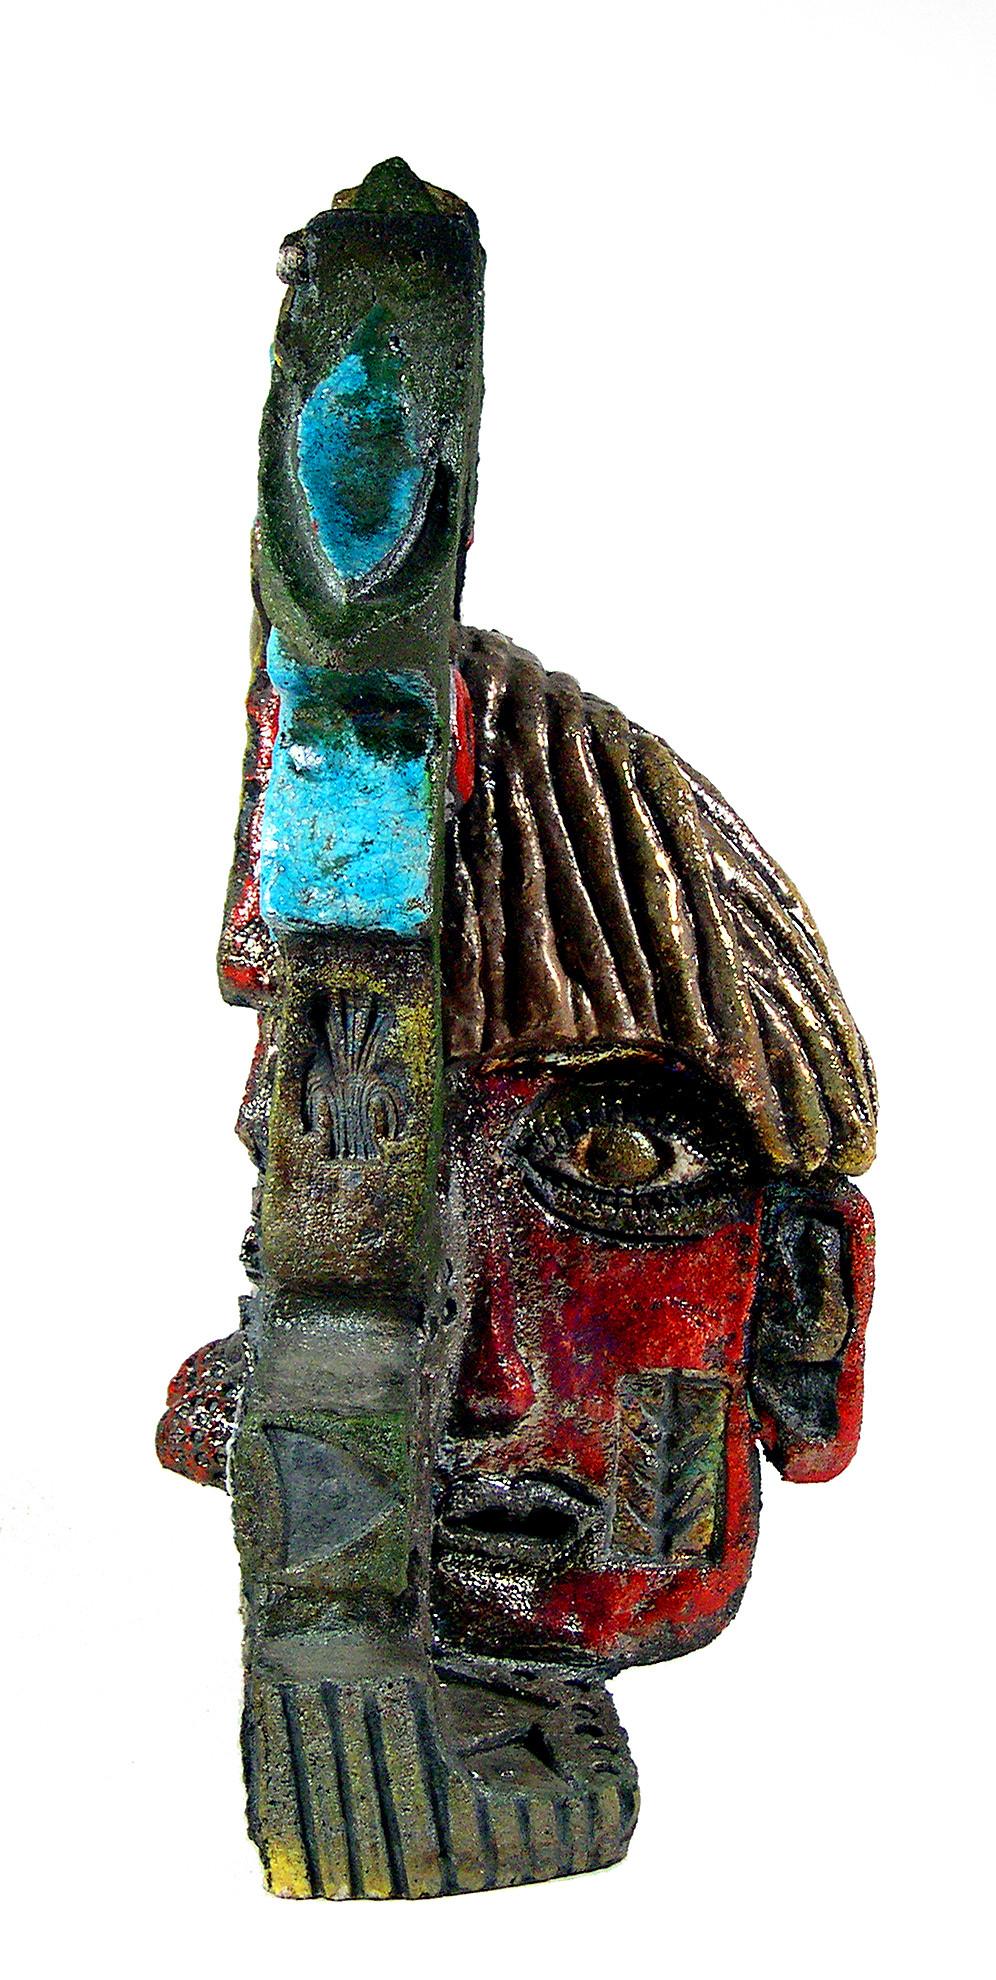 Sculpture_2009_02_03.jpg